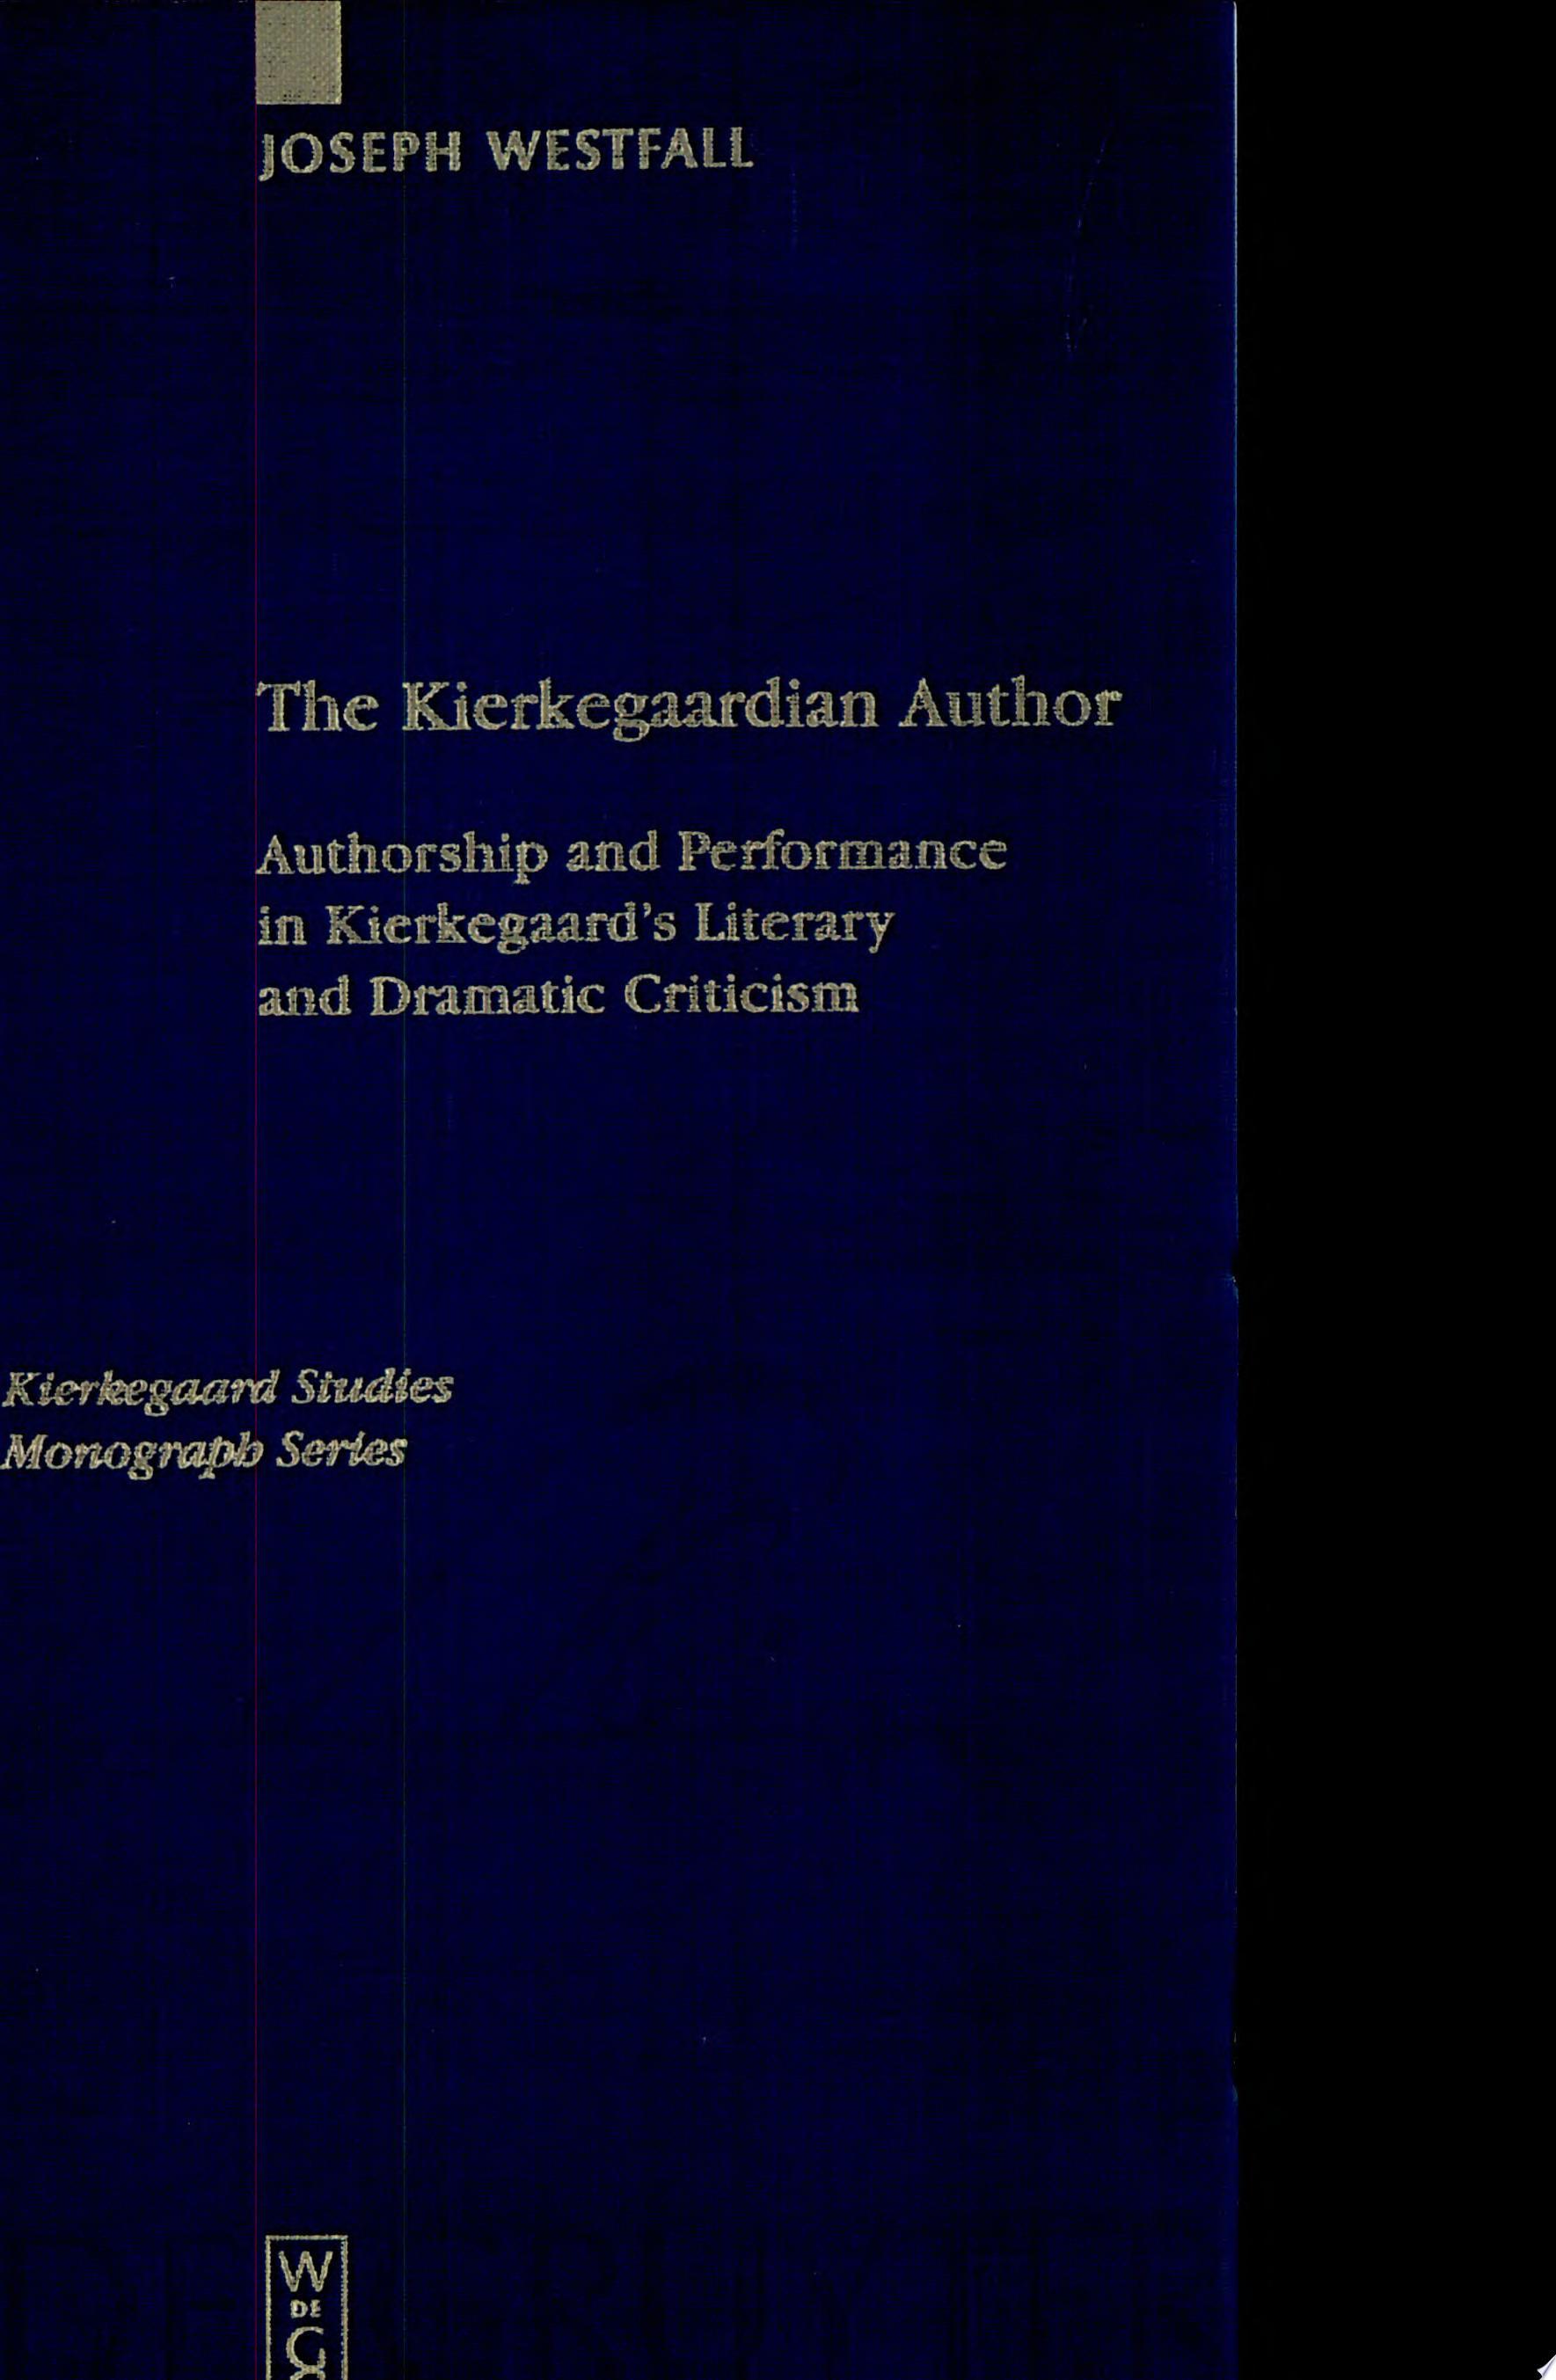 The Kierkegaardian Author